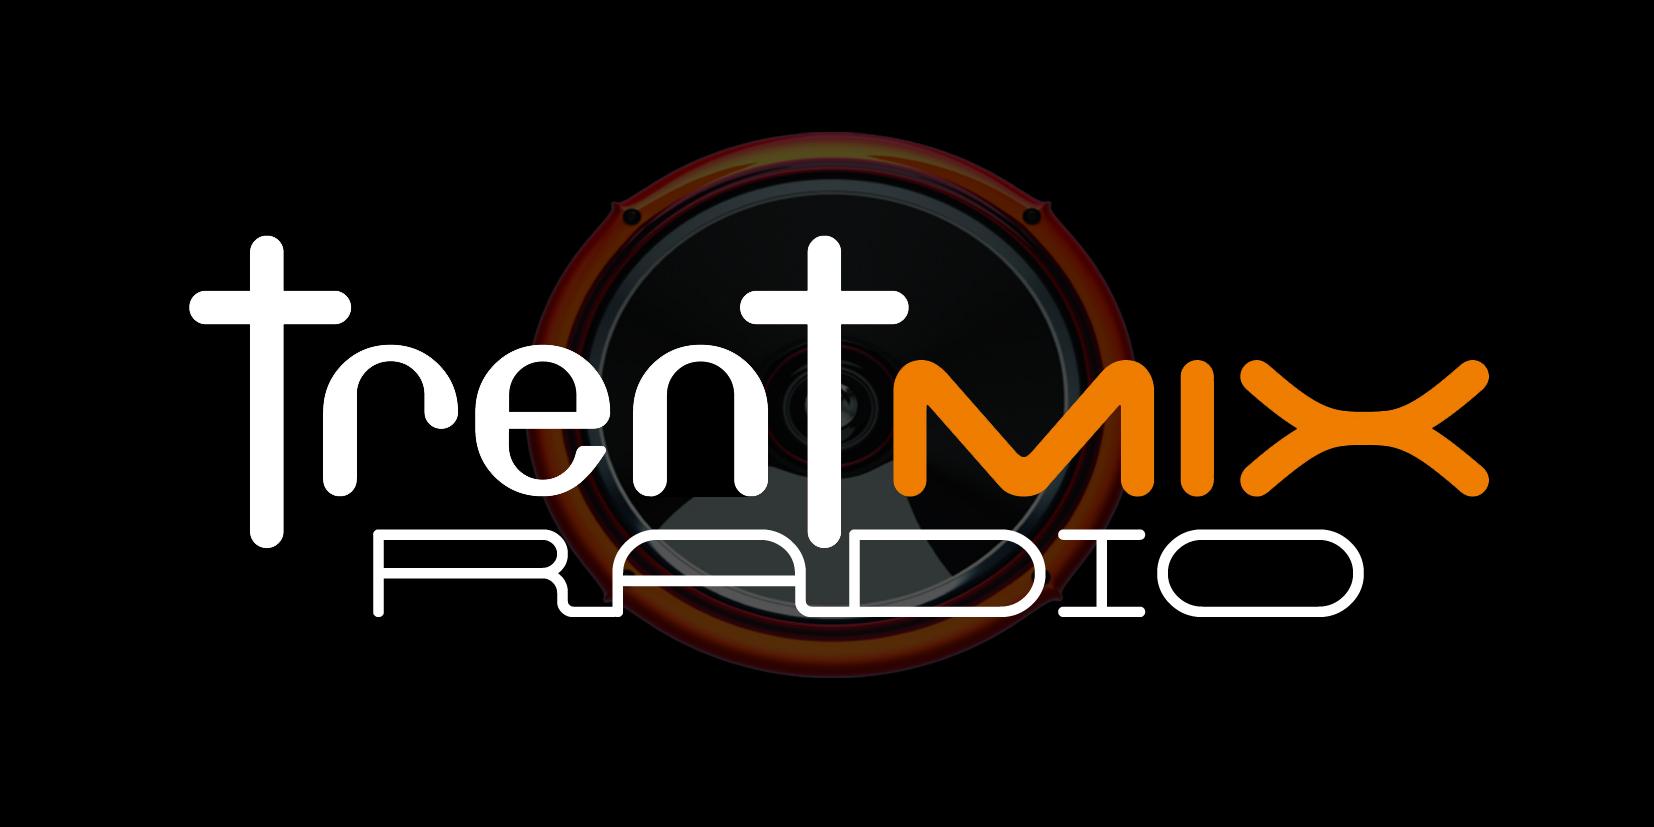 LOGO TRENTMIX RADIO